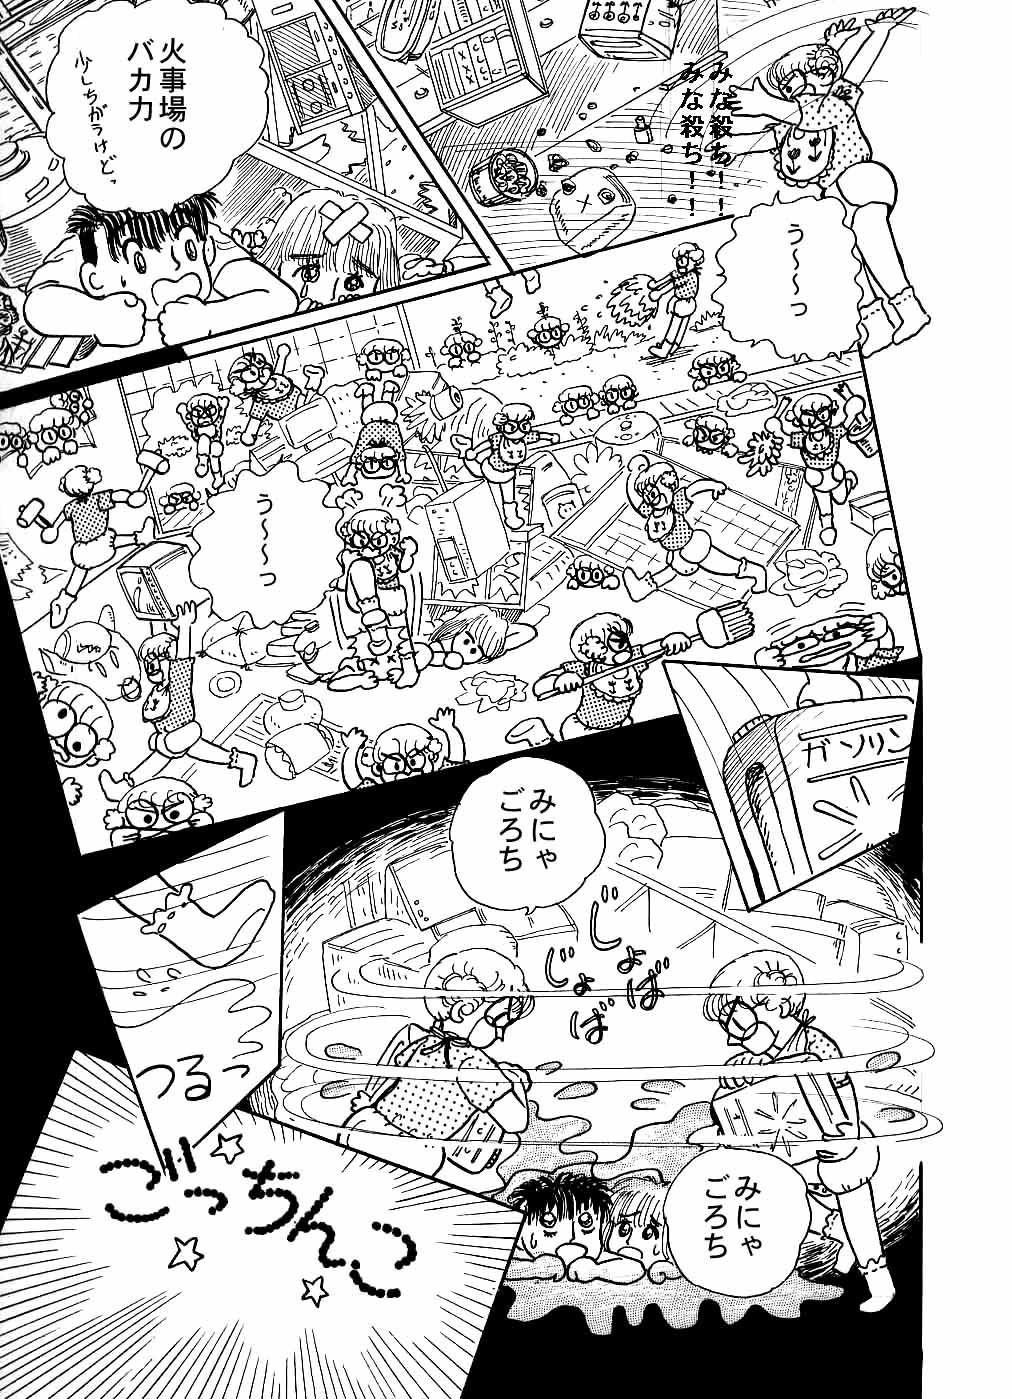 ホラー漫画画像27_20110122035910.jpg